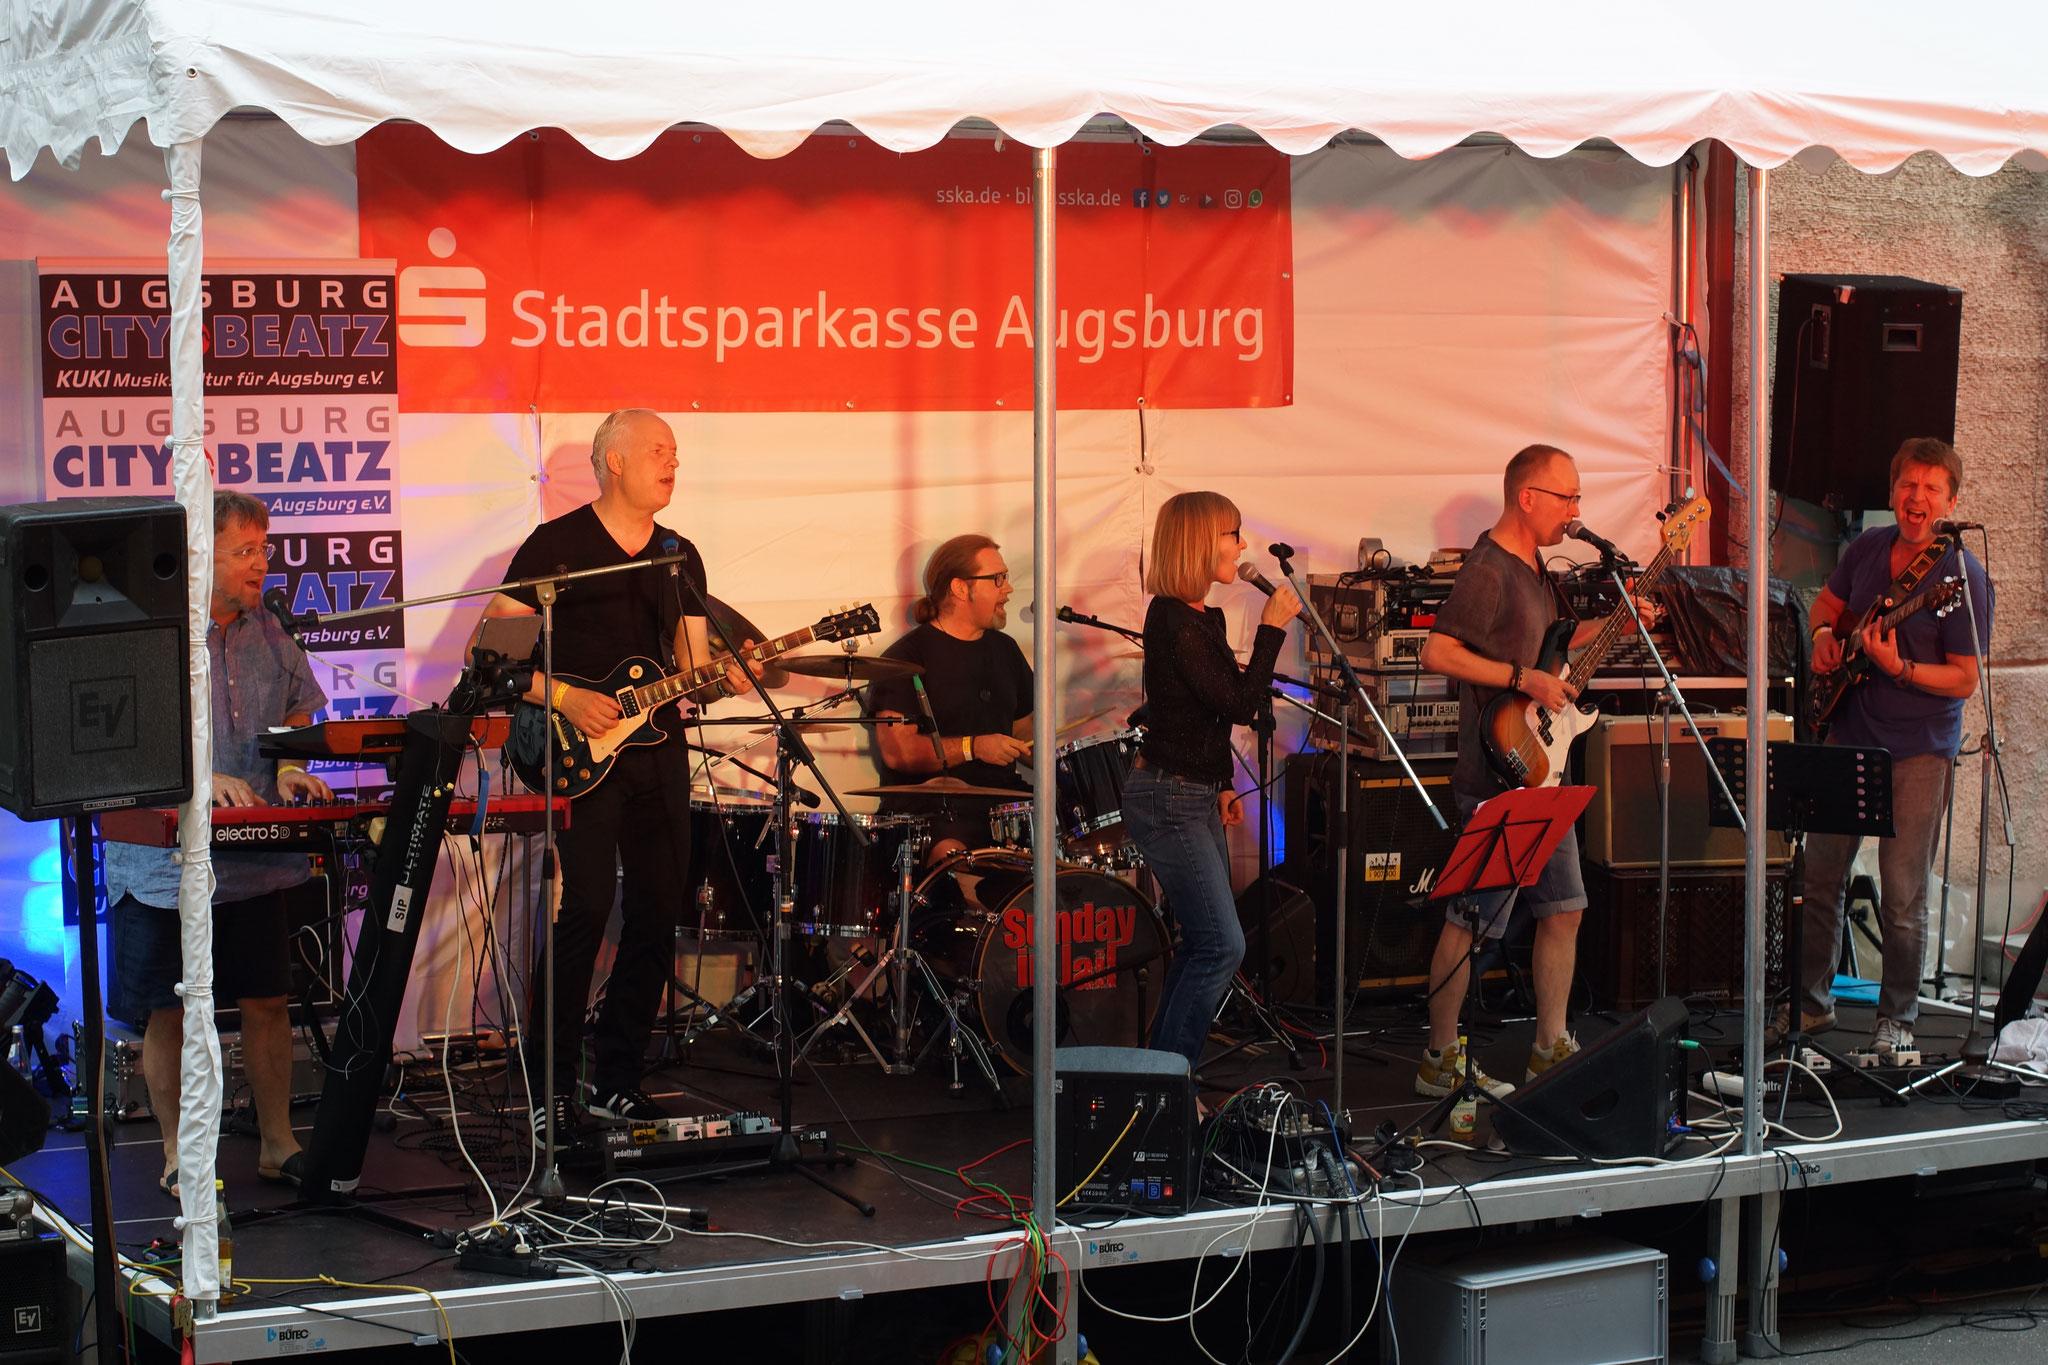 Konzerte im Bürgerhof 08.07.17 Still in Progress - Freiwilligen-Zentrum Augsburg - Foto: Crayfish